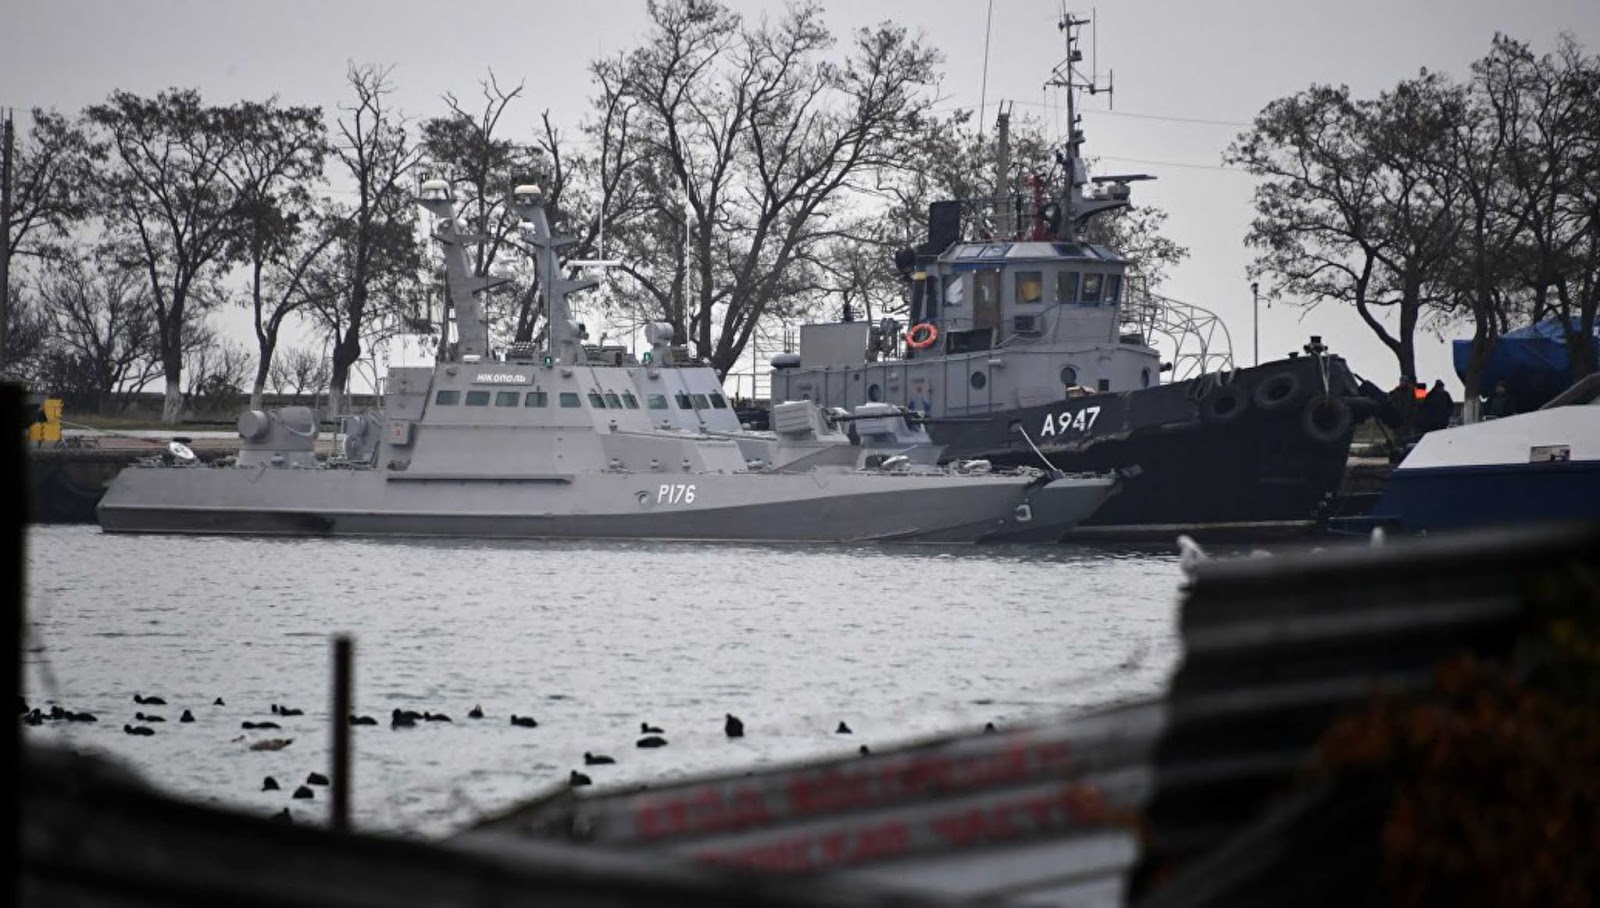 Senat AS mengutuk tindakan Rusia dan menyerukan operasi internasional di Selat Kerch